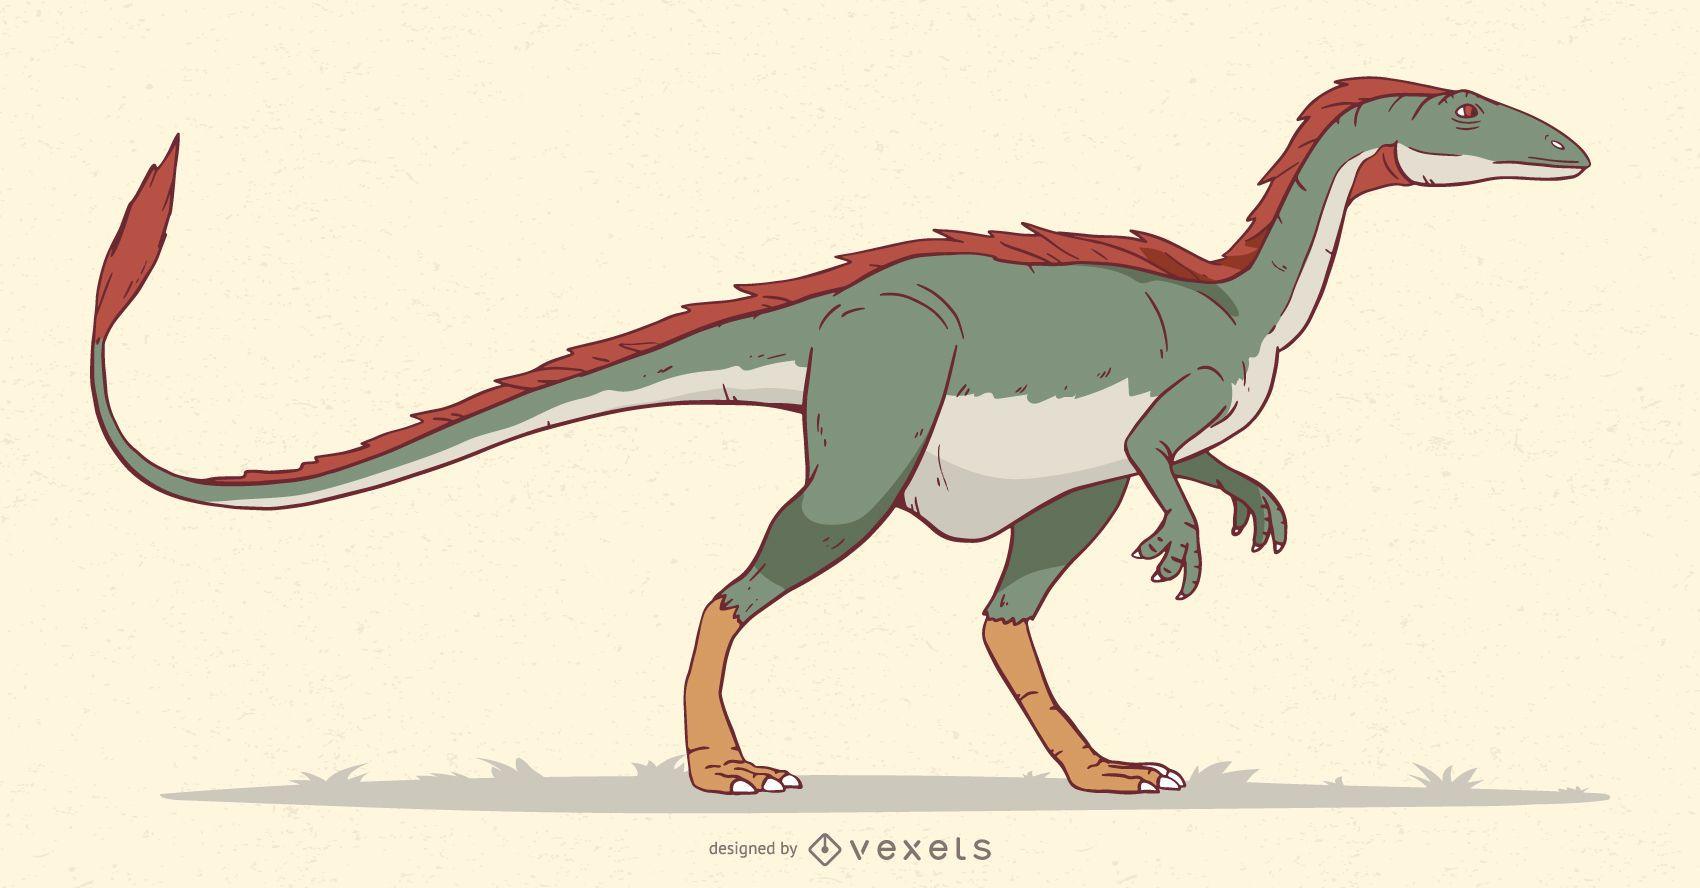 Velociraptor Dinosaurier Illustration